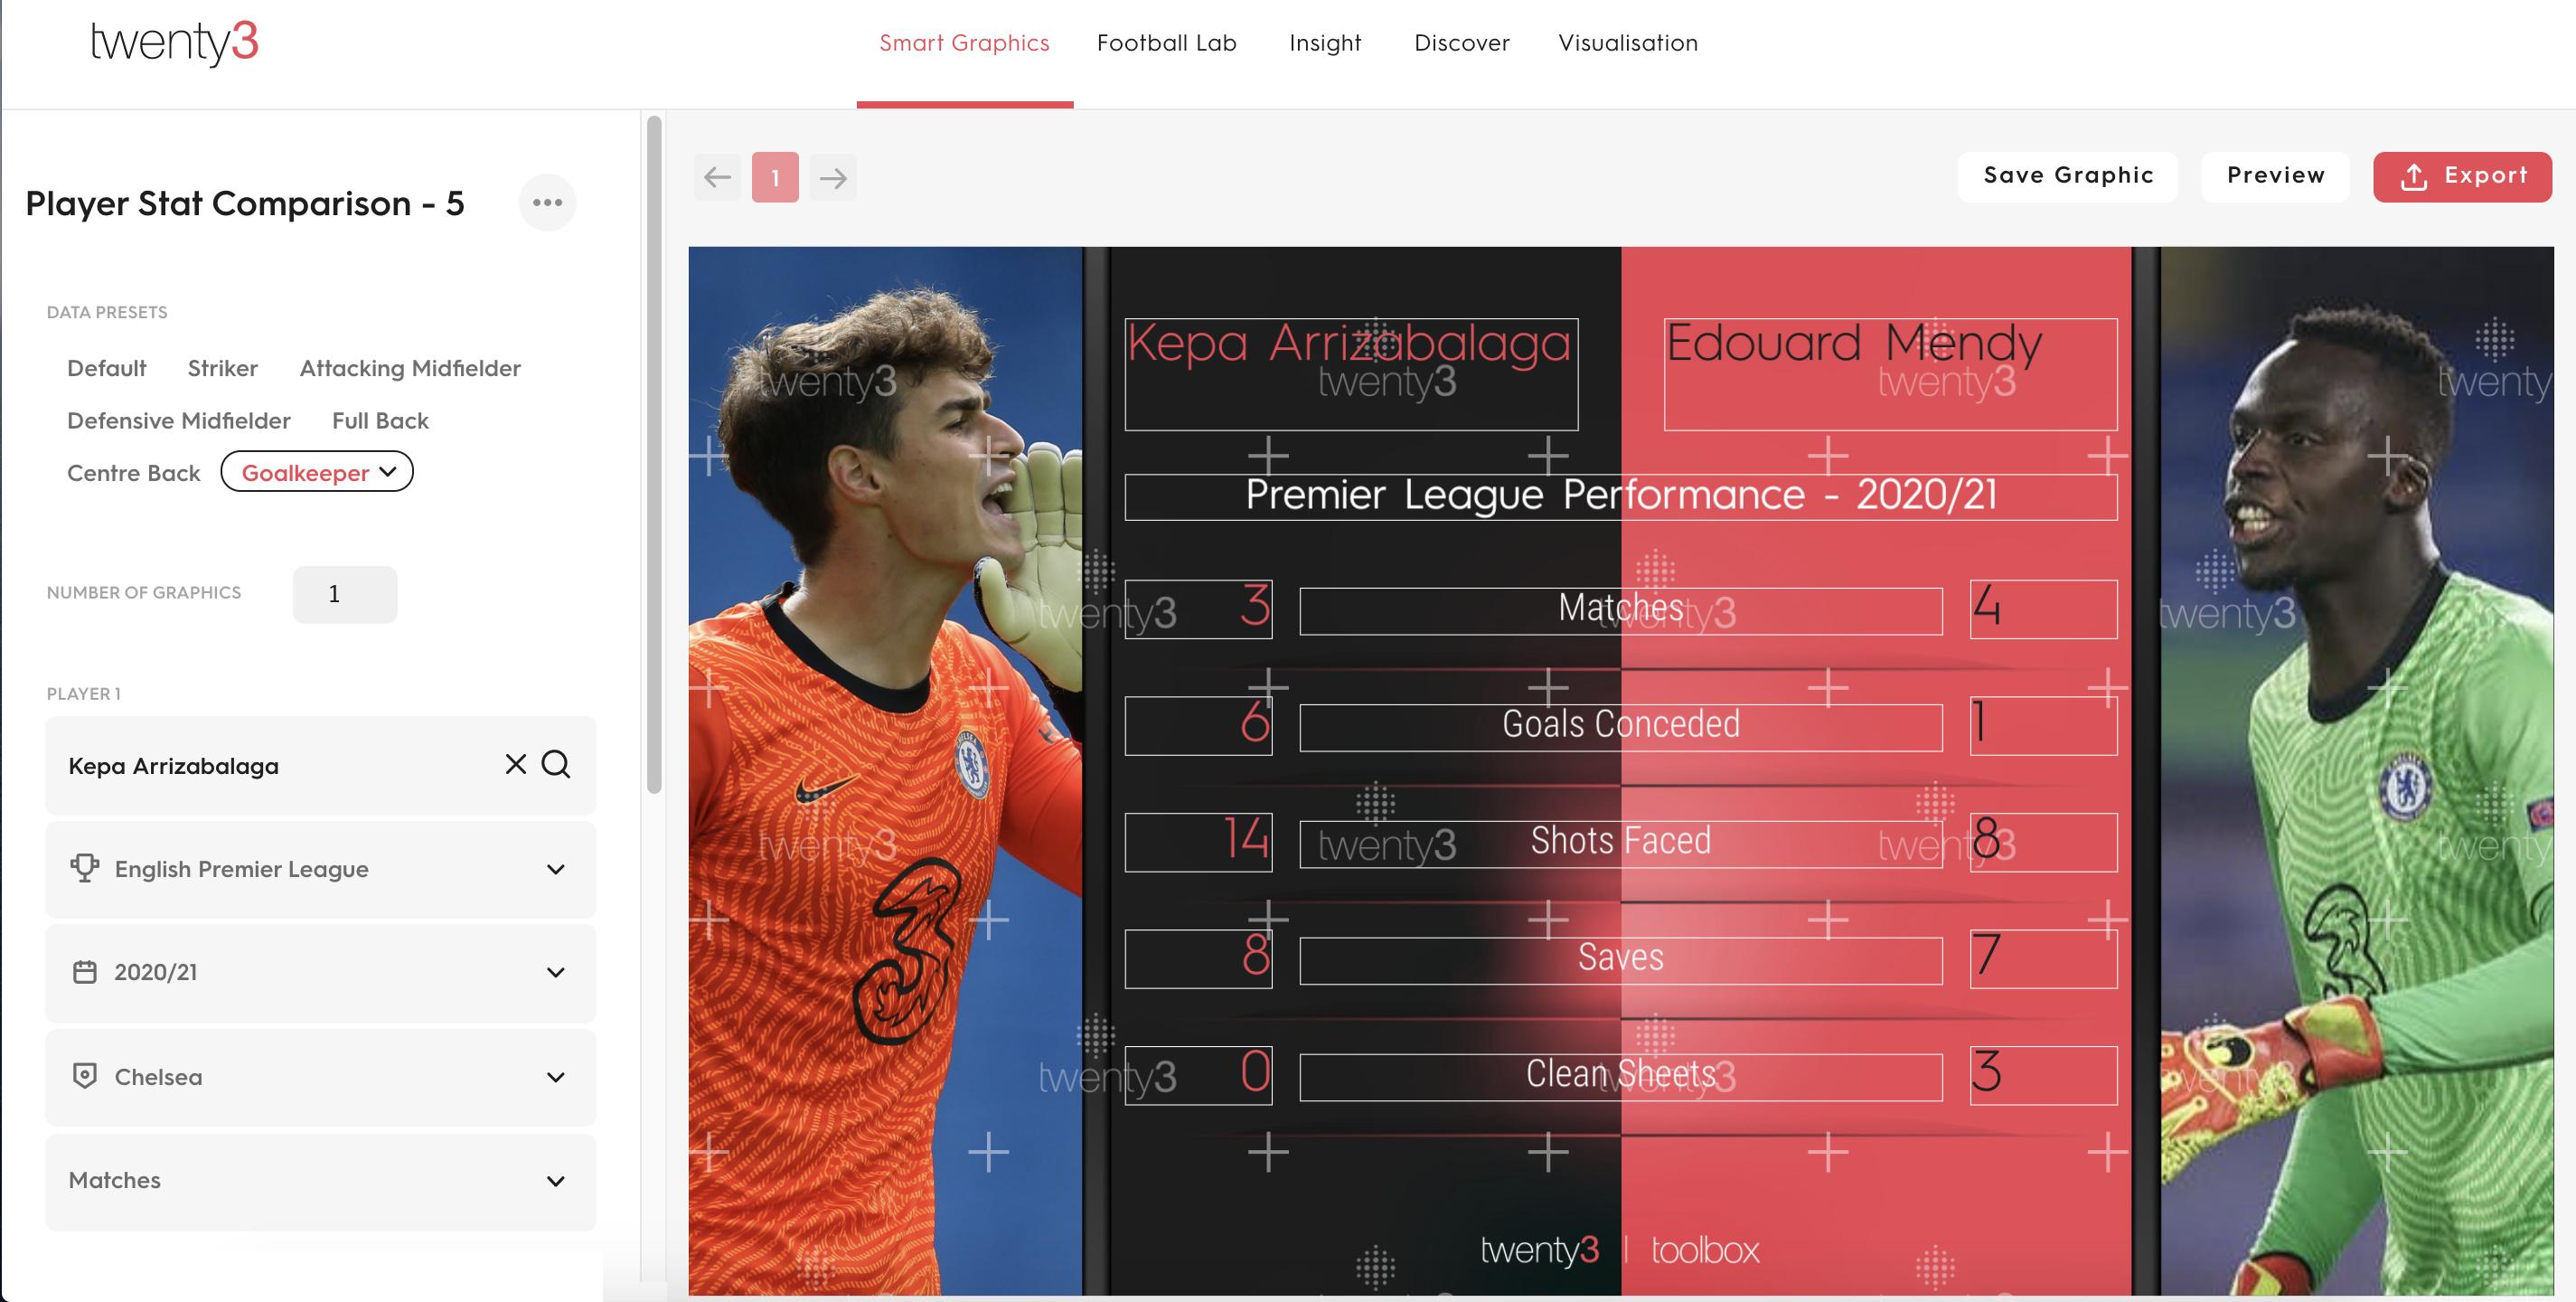 A player comparison graphic